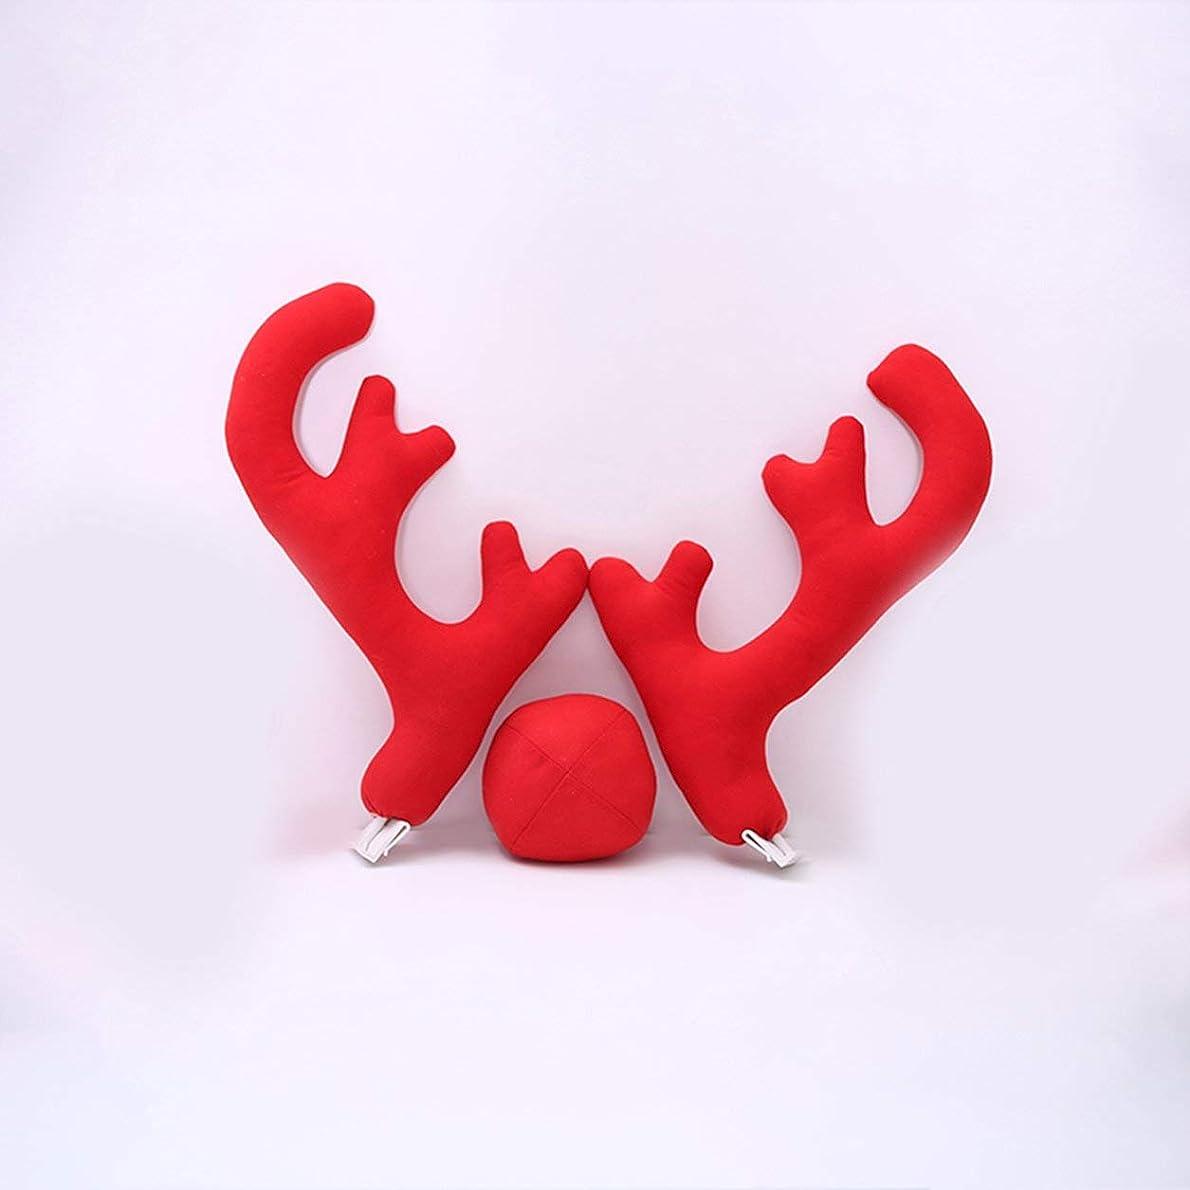 賛美歌熱望する教会Saikogoods 2アントラーズ1枚のトナカイ鼻2 Mirrowカバーで新しいデザインクリエイティブクリスマスオートカーコスチュームの装飾フルセット 赤